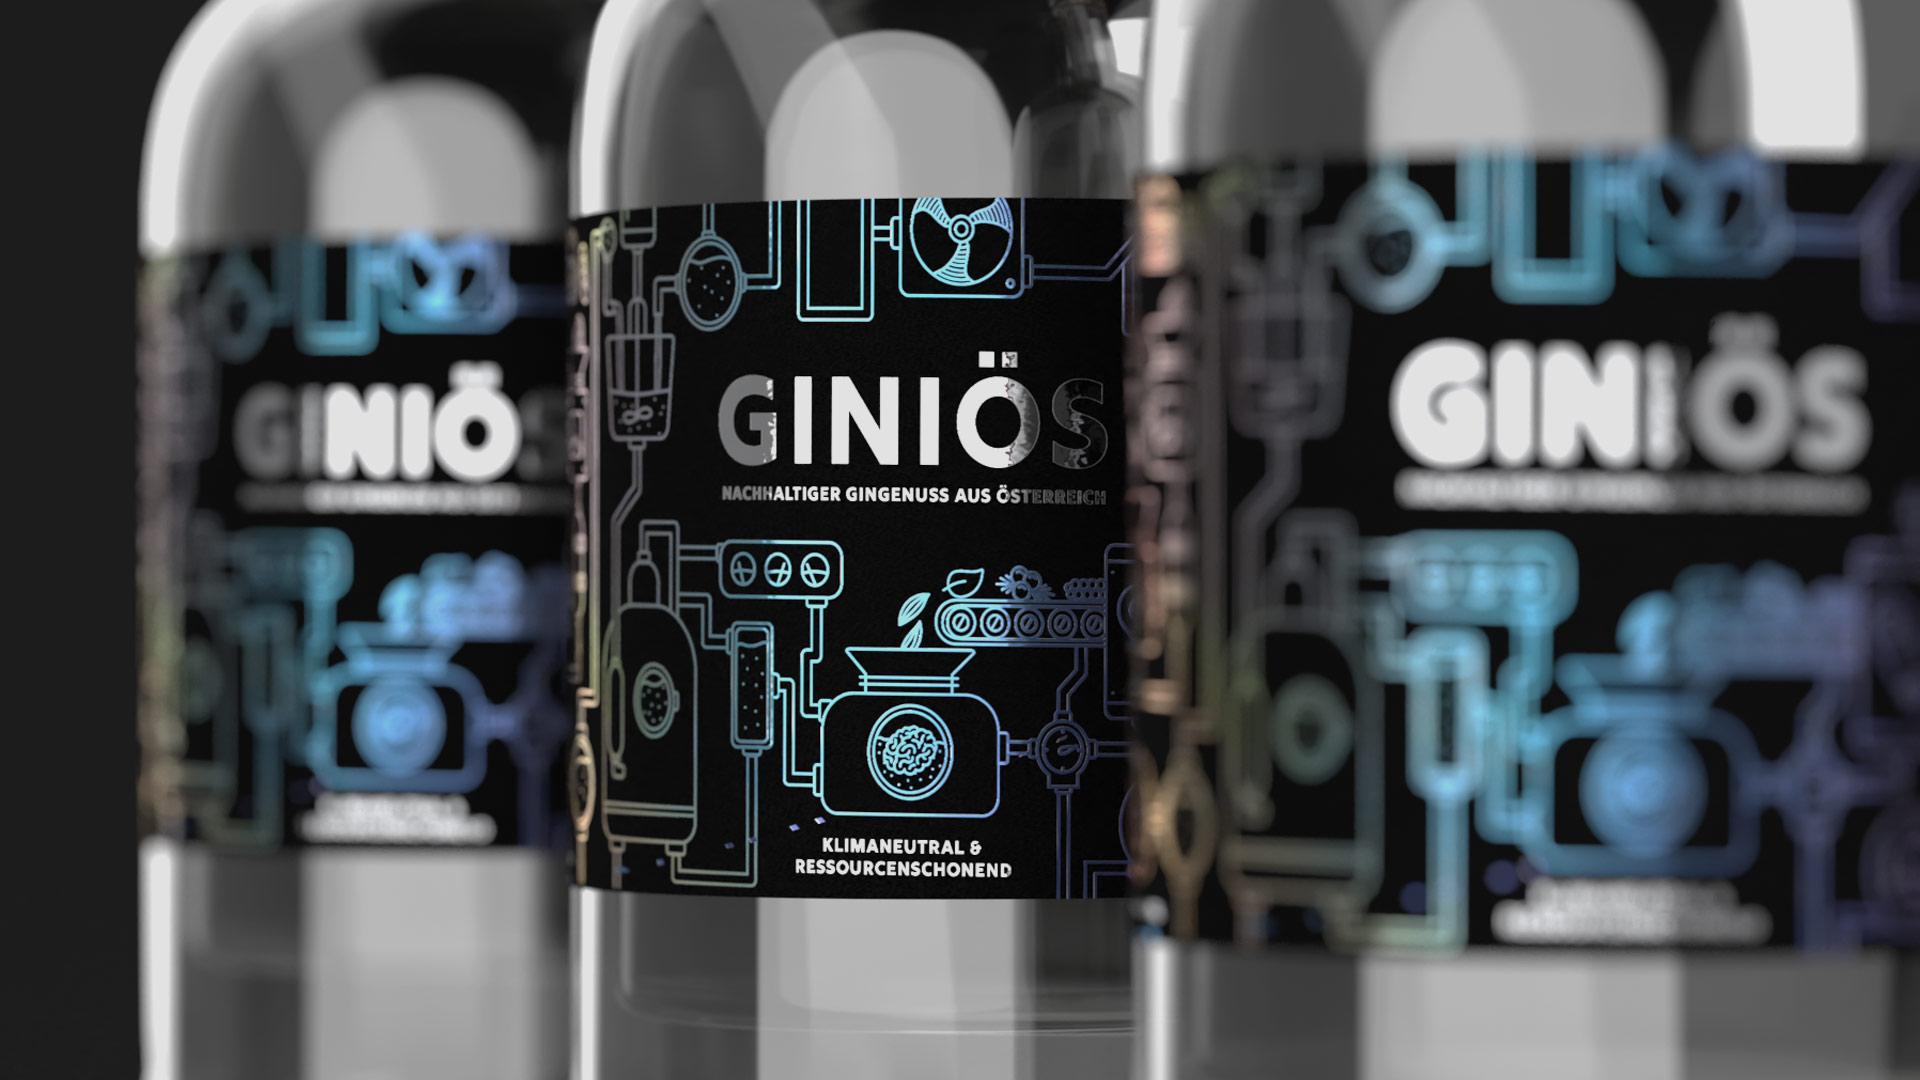 giniös-render-06